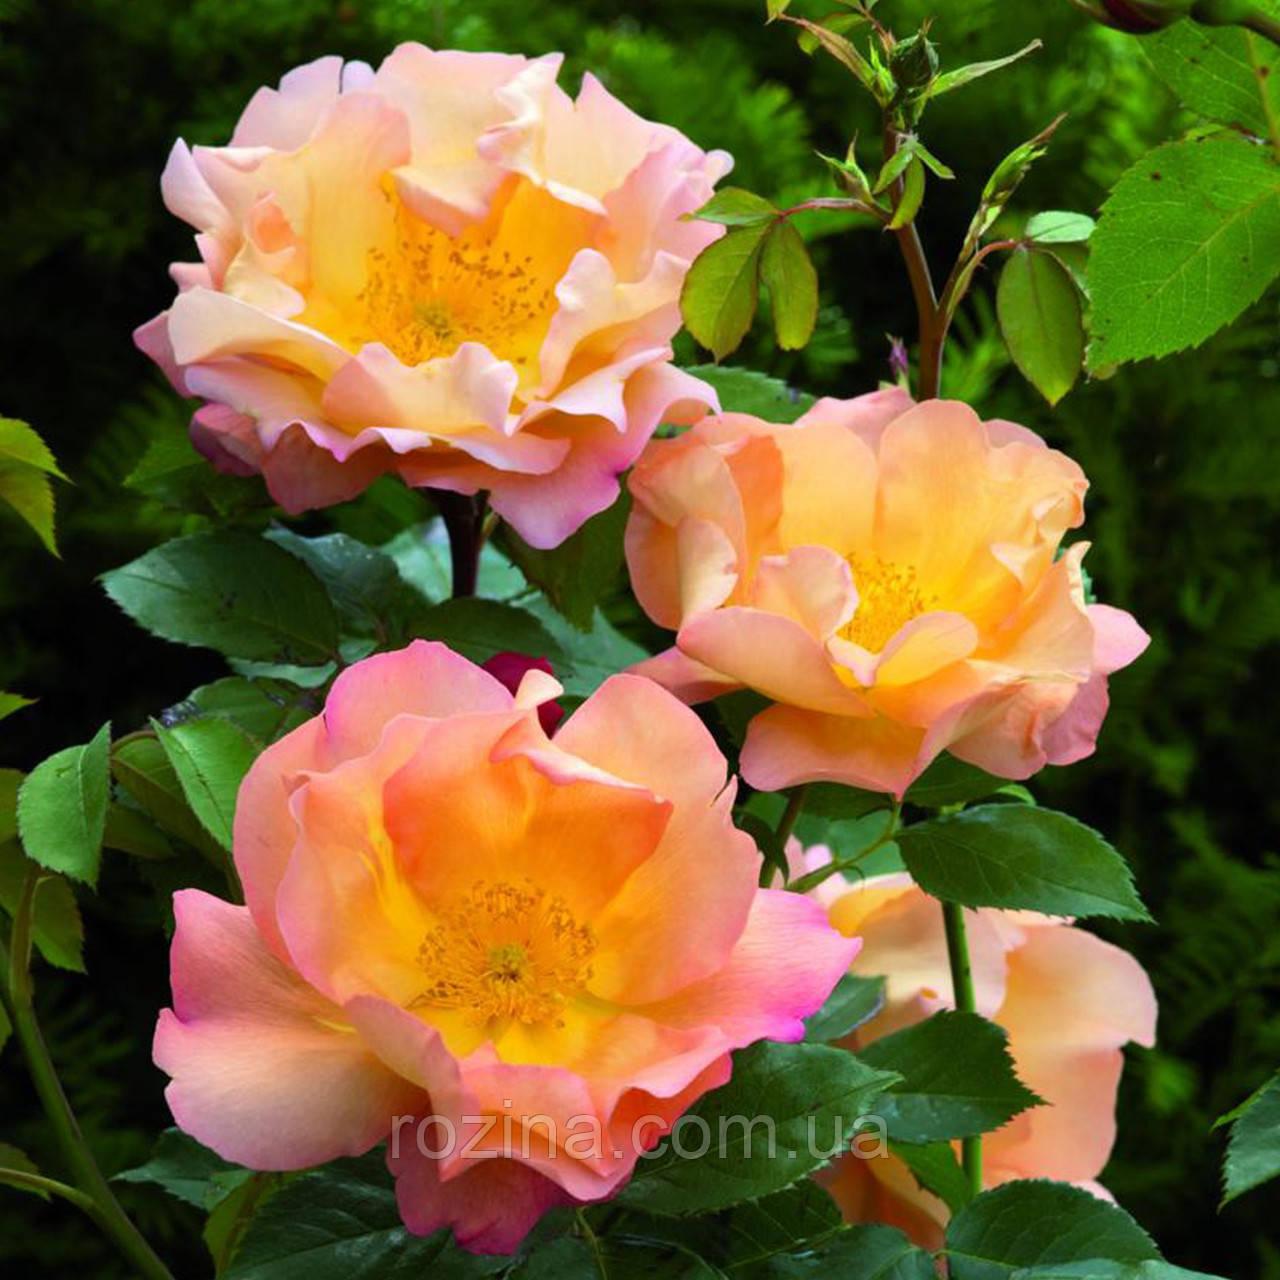 """Саджанці троянди """"Файтинг Темэрейр"""""""